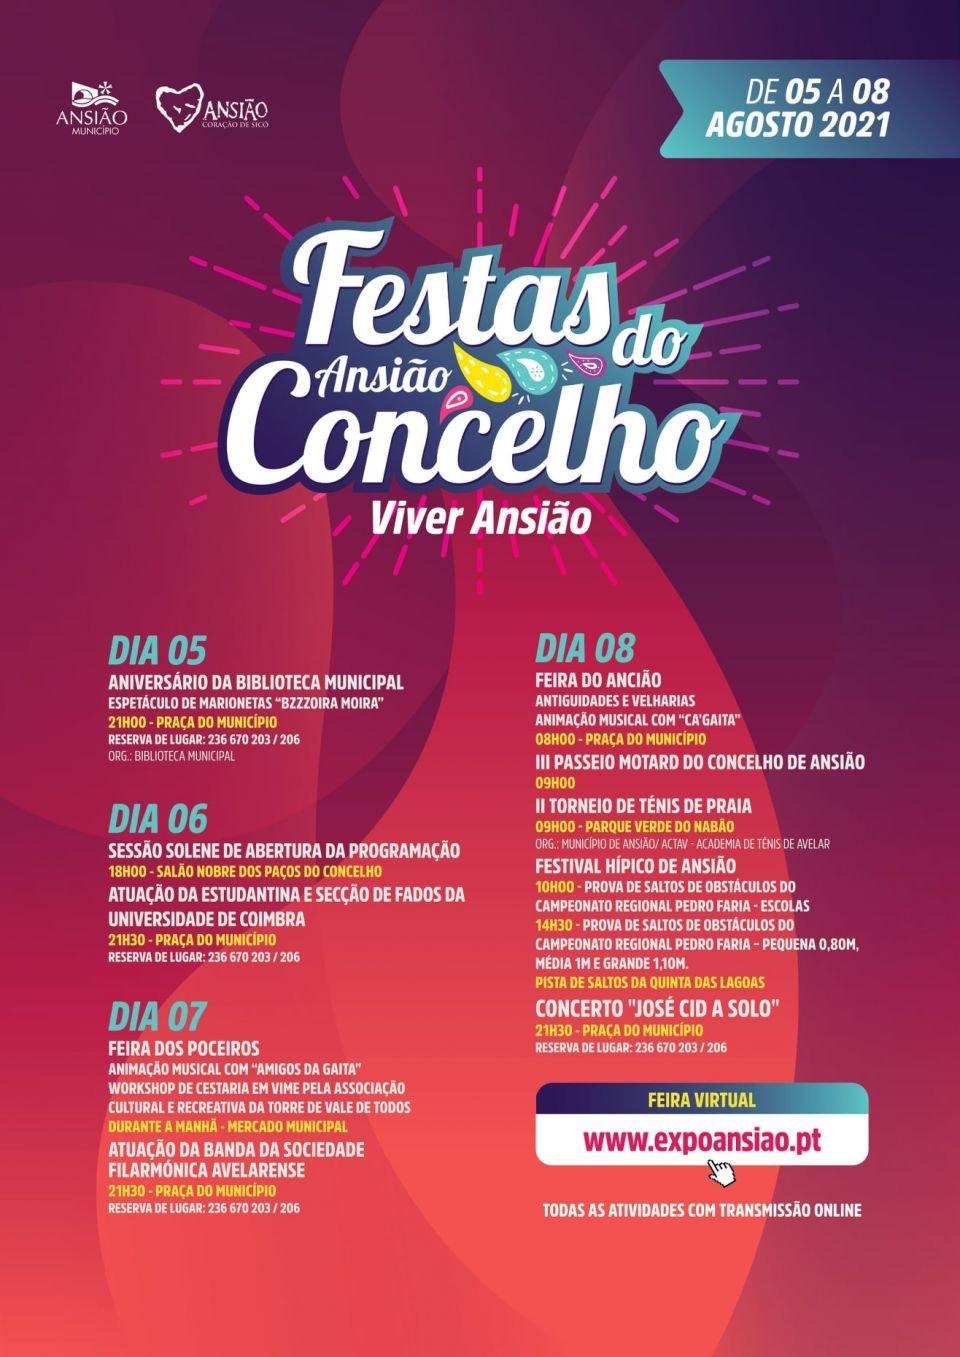 Festas do Concelho de Ansião